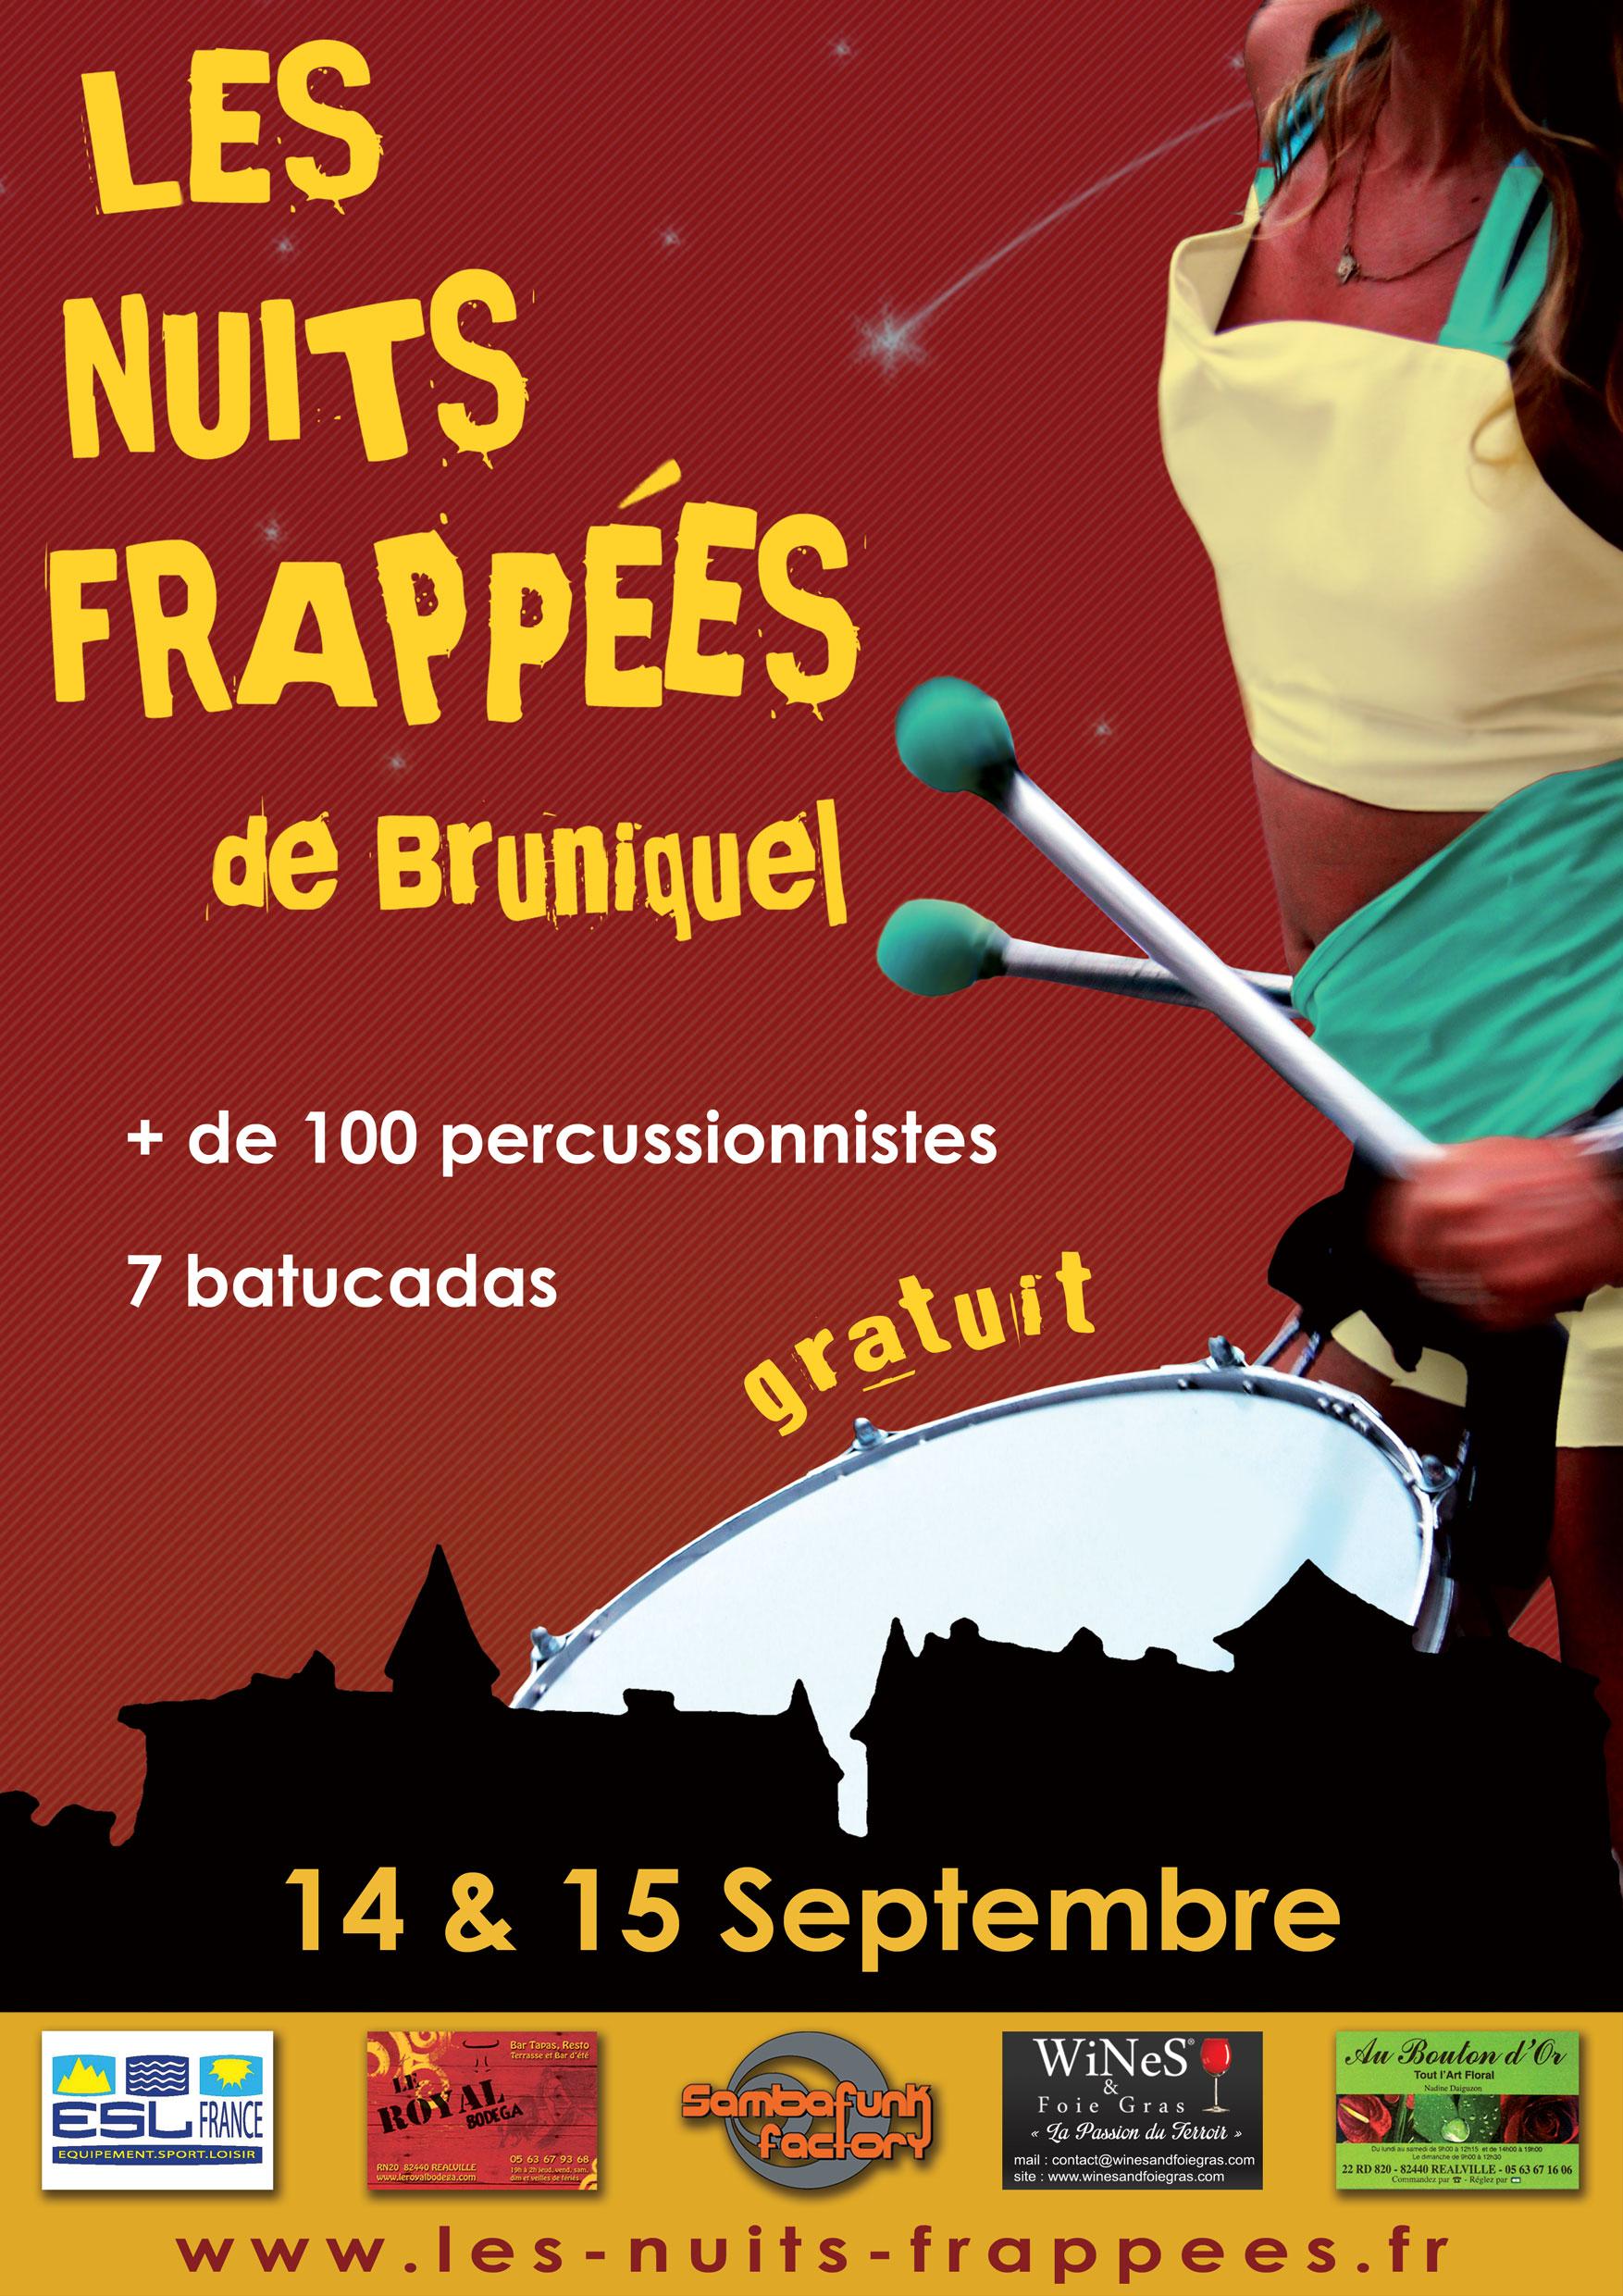 Affiche Les nuits frappées de Bruniquel Edition 2013